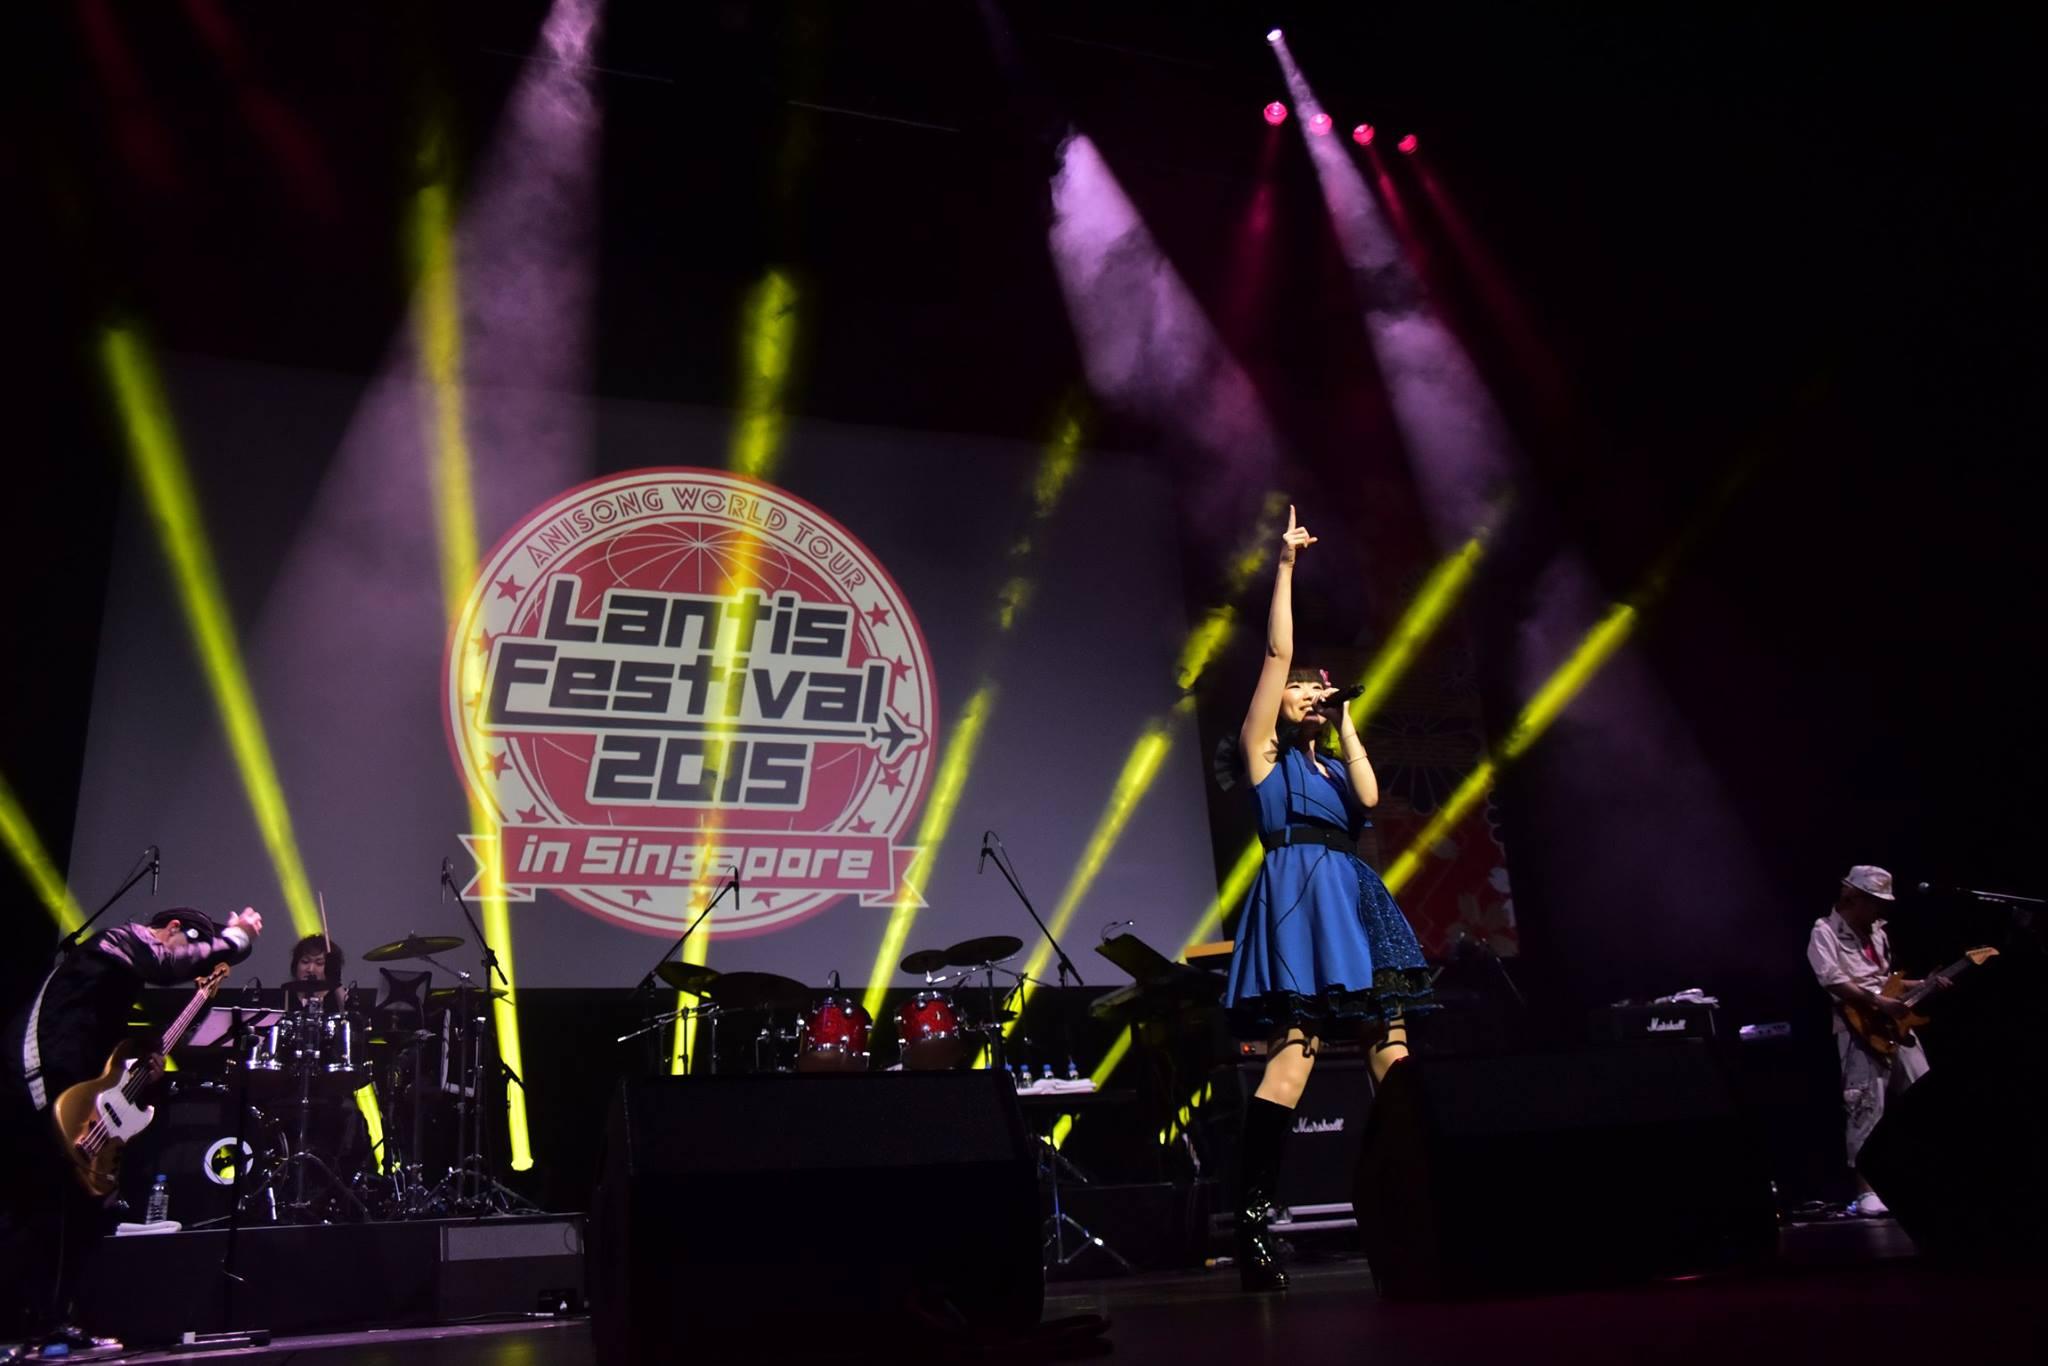 NekoPOP-Lantis-Festival-2015-Singapore-Azusa-Tadokoro-3